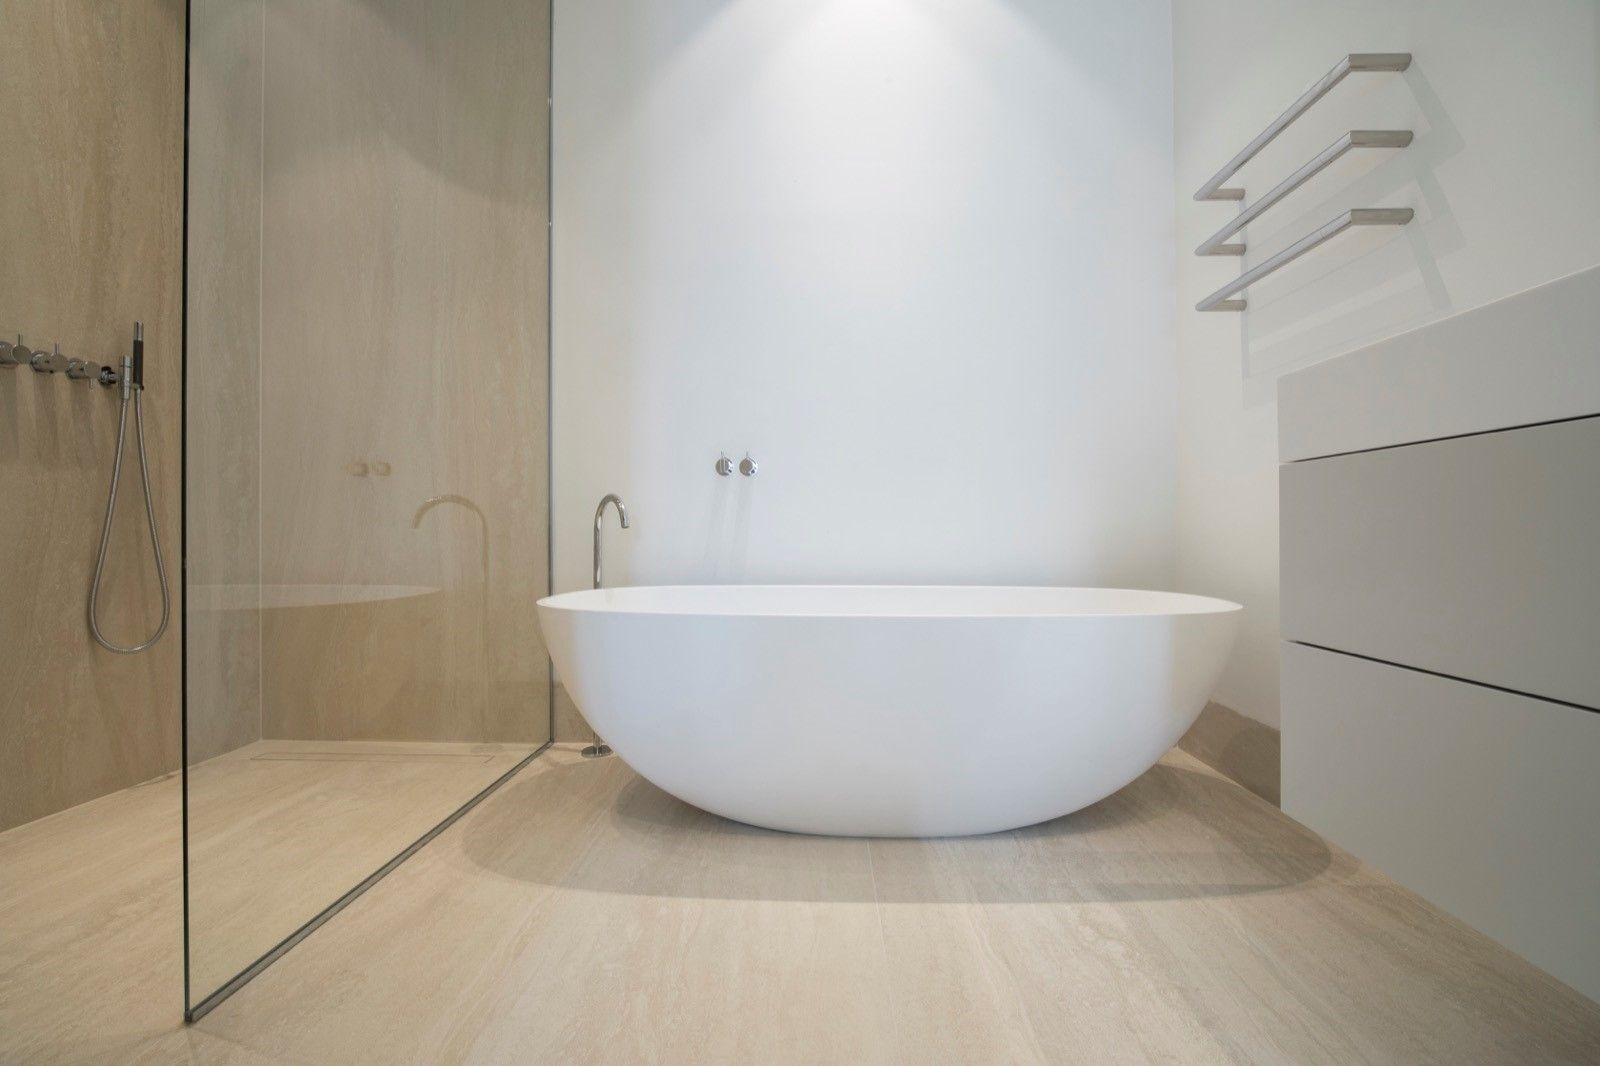 Design Badkamer Matten : Exclusieve badkamer vrijstaand mat wit bad minimalistische